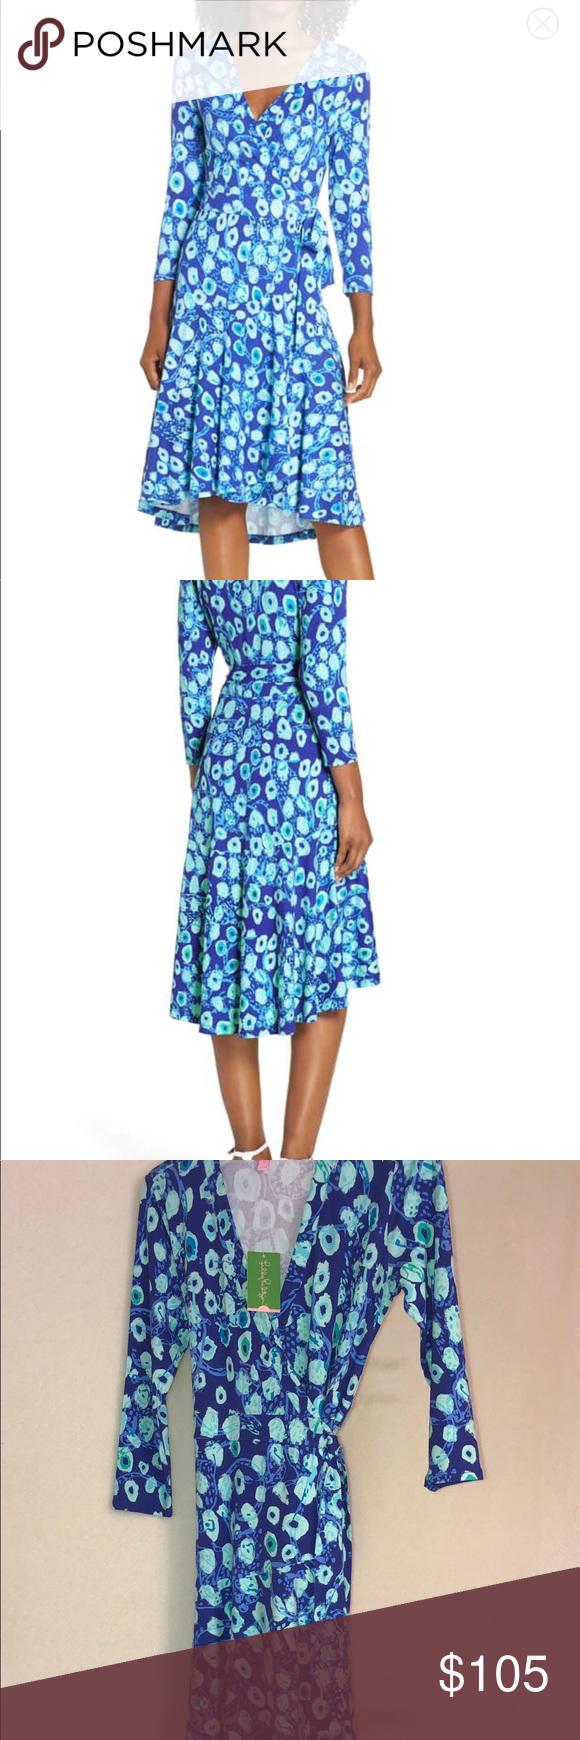 91efa6724daa8 NWT Lilly Pulitzer Rozaline Wrap Dress 💙 NWT Lilly Pulitzer Rozaline Wrap  Dress. In Royal